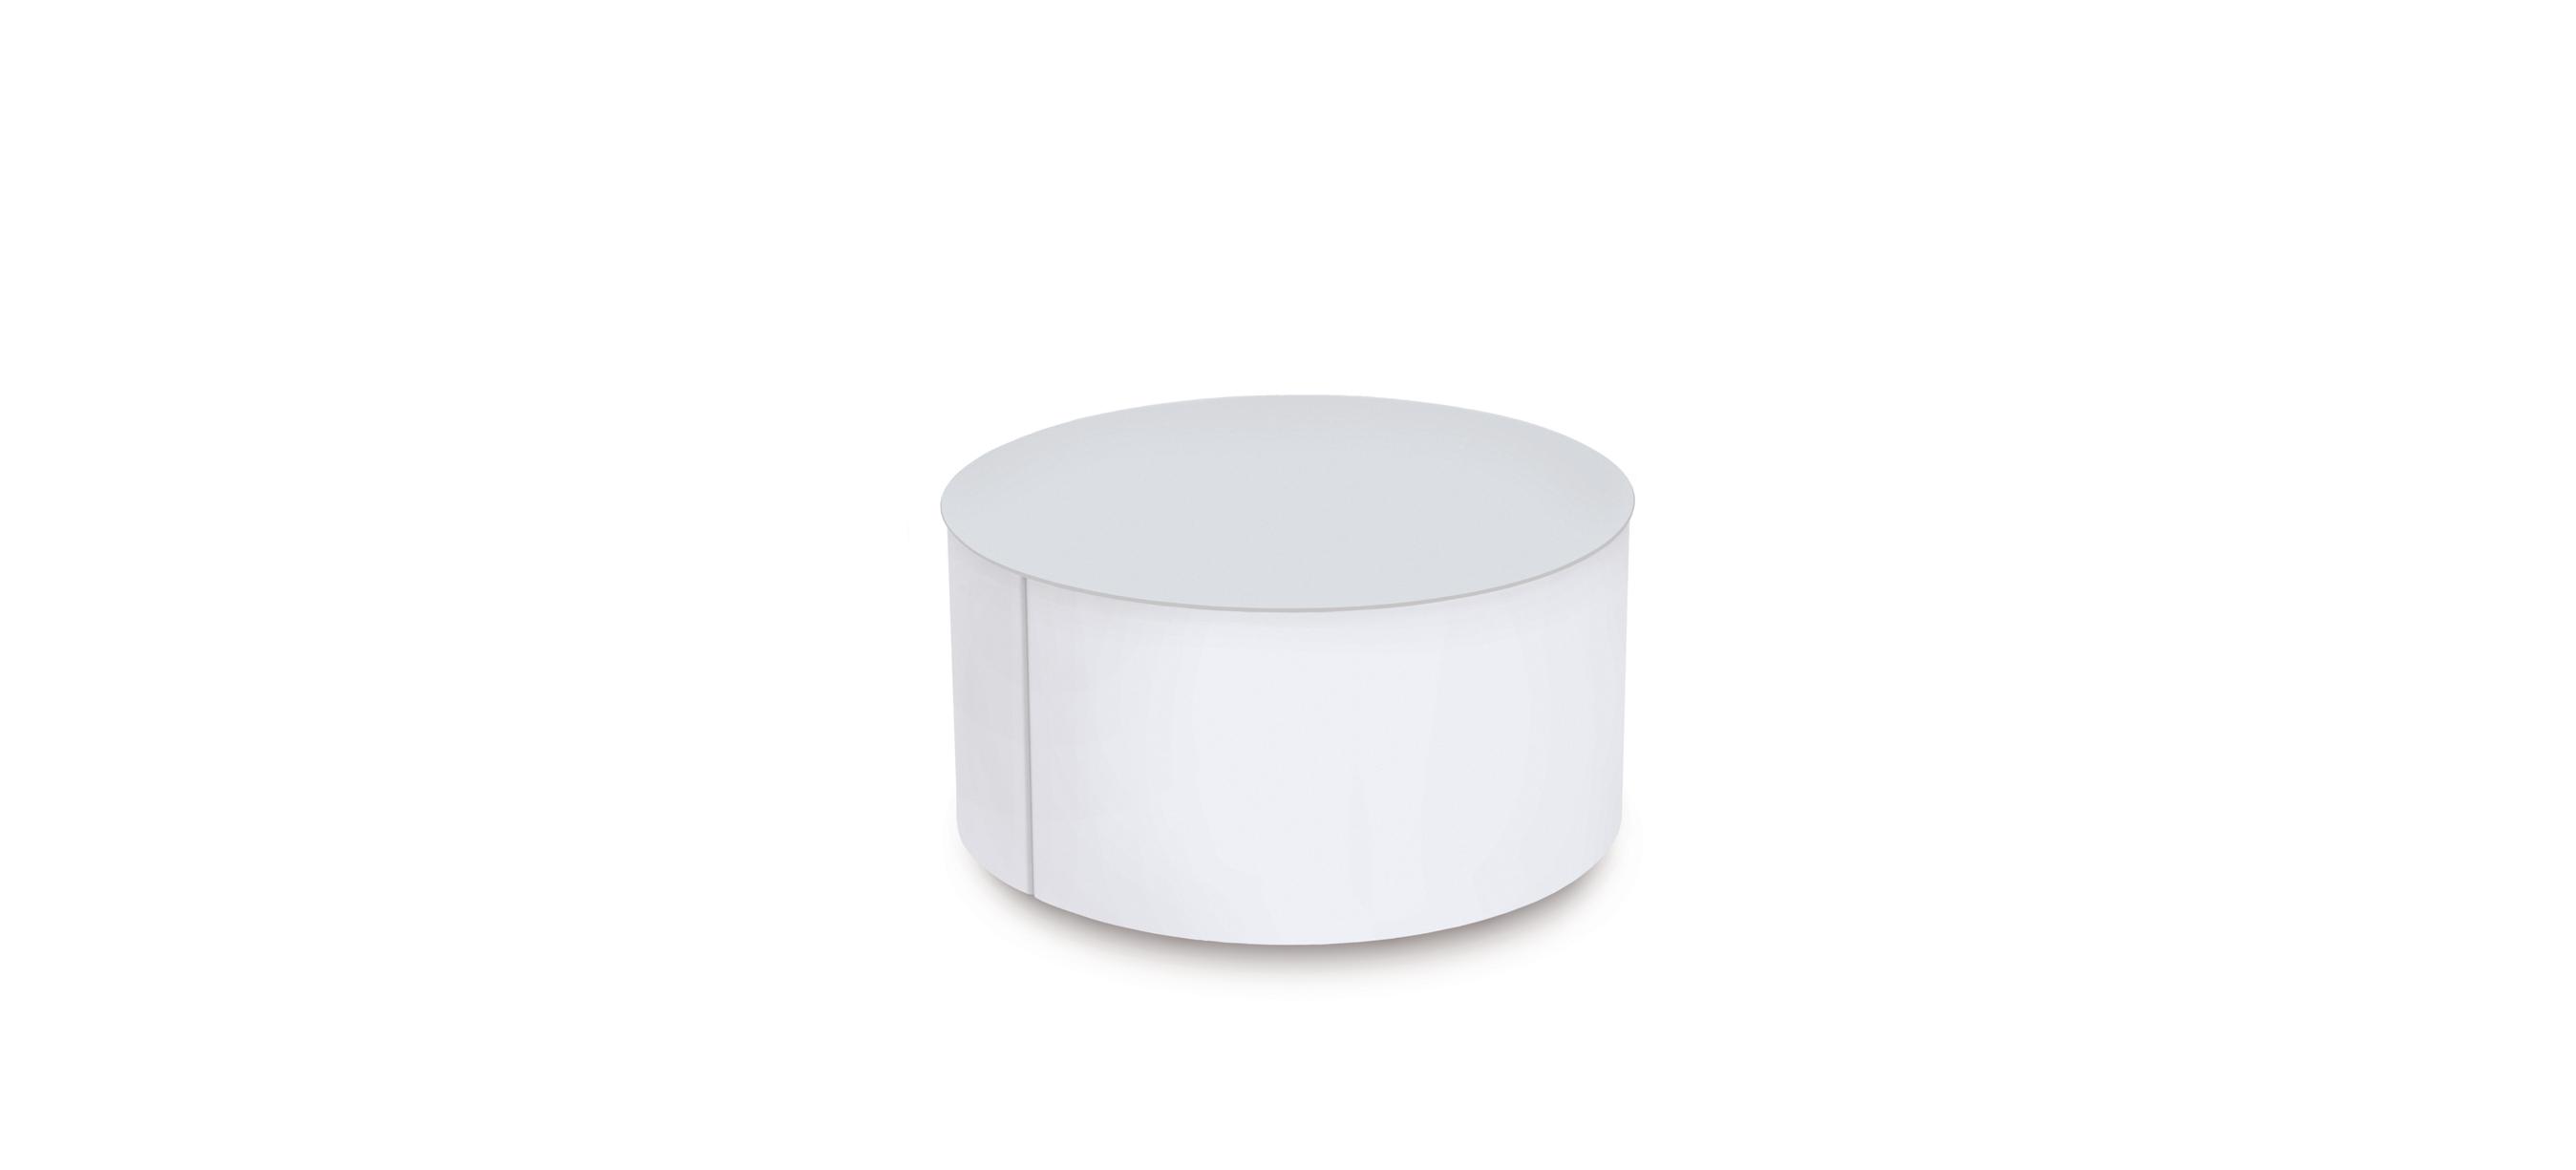 Mangiafuoco white